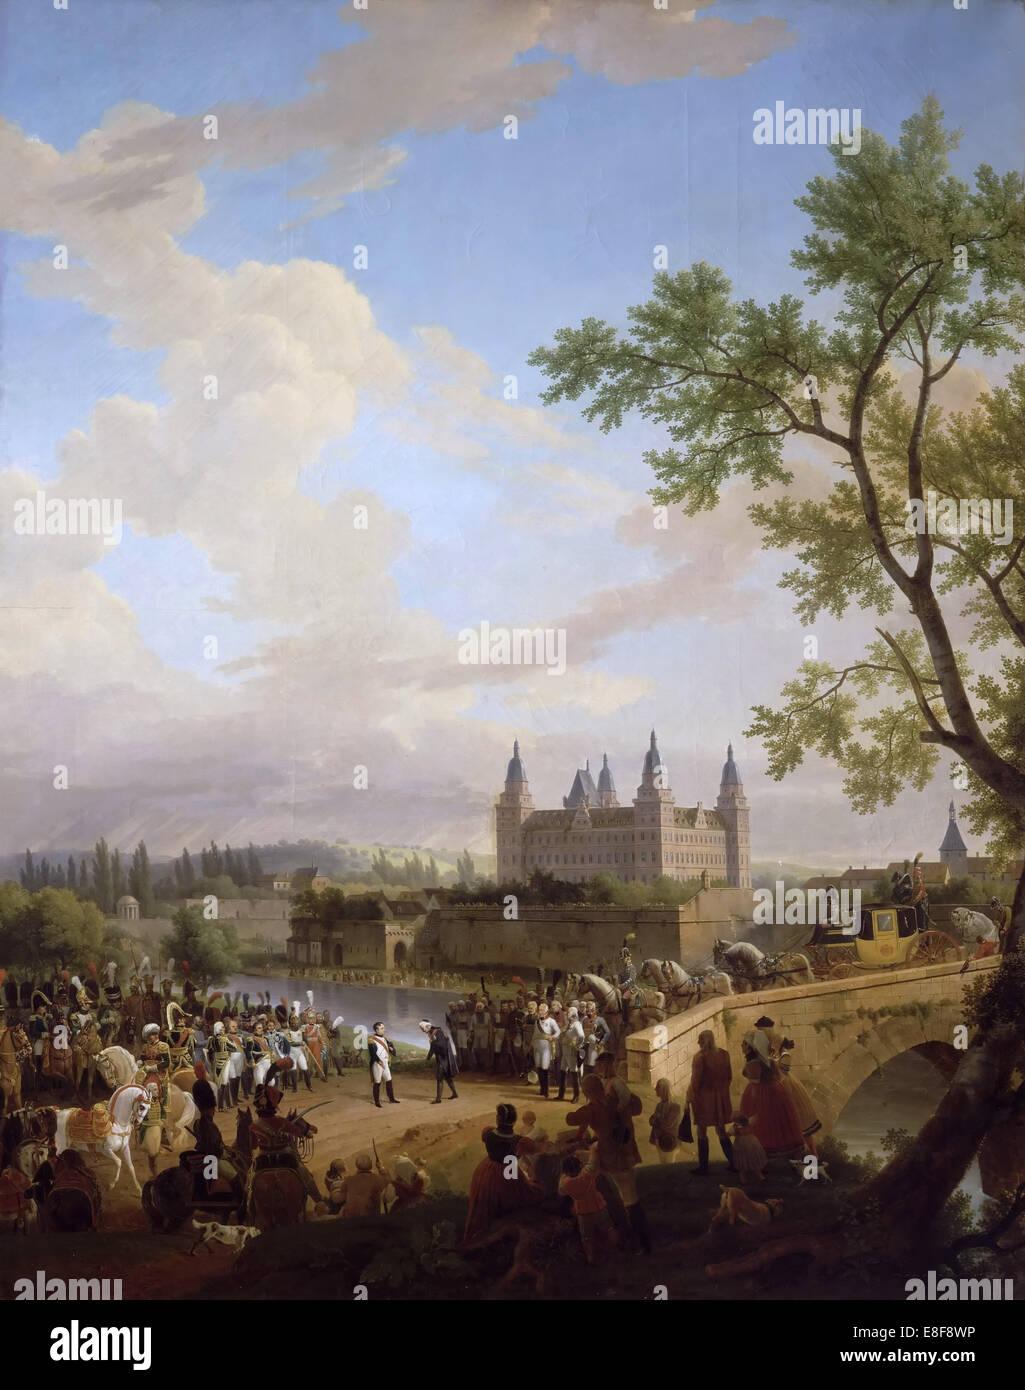 Künstler Aschaffenburg treffen zwischen napoleon und baron karl dalberg in